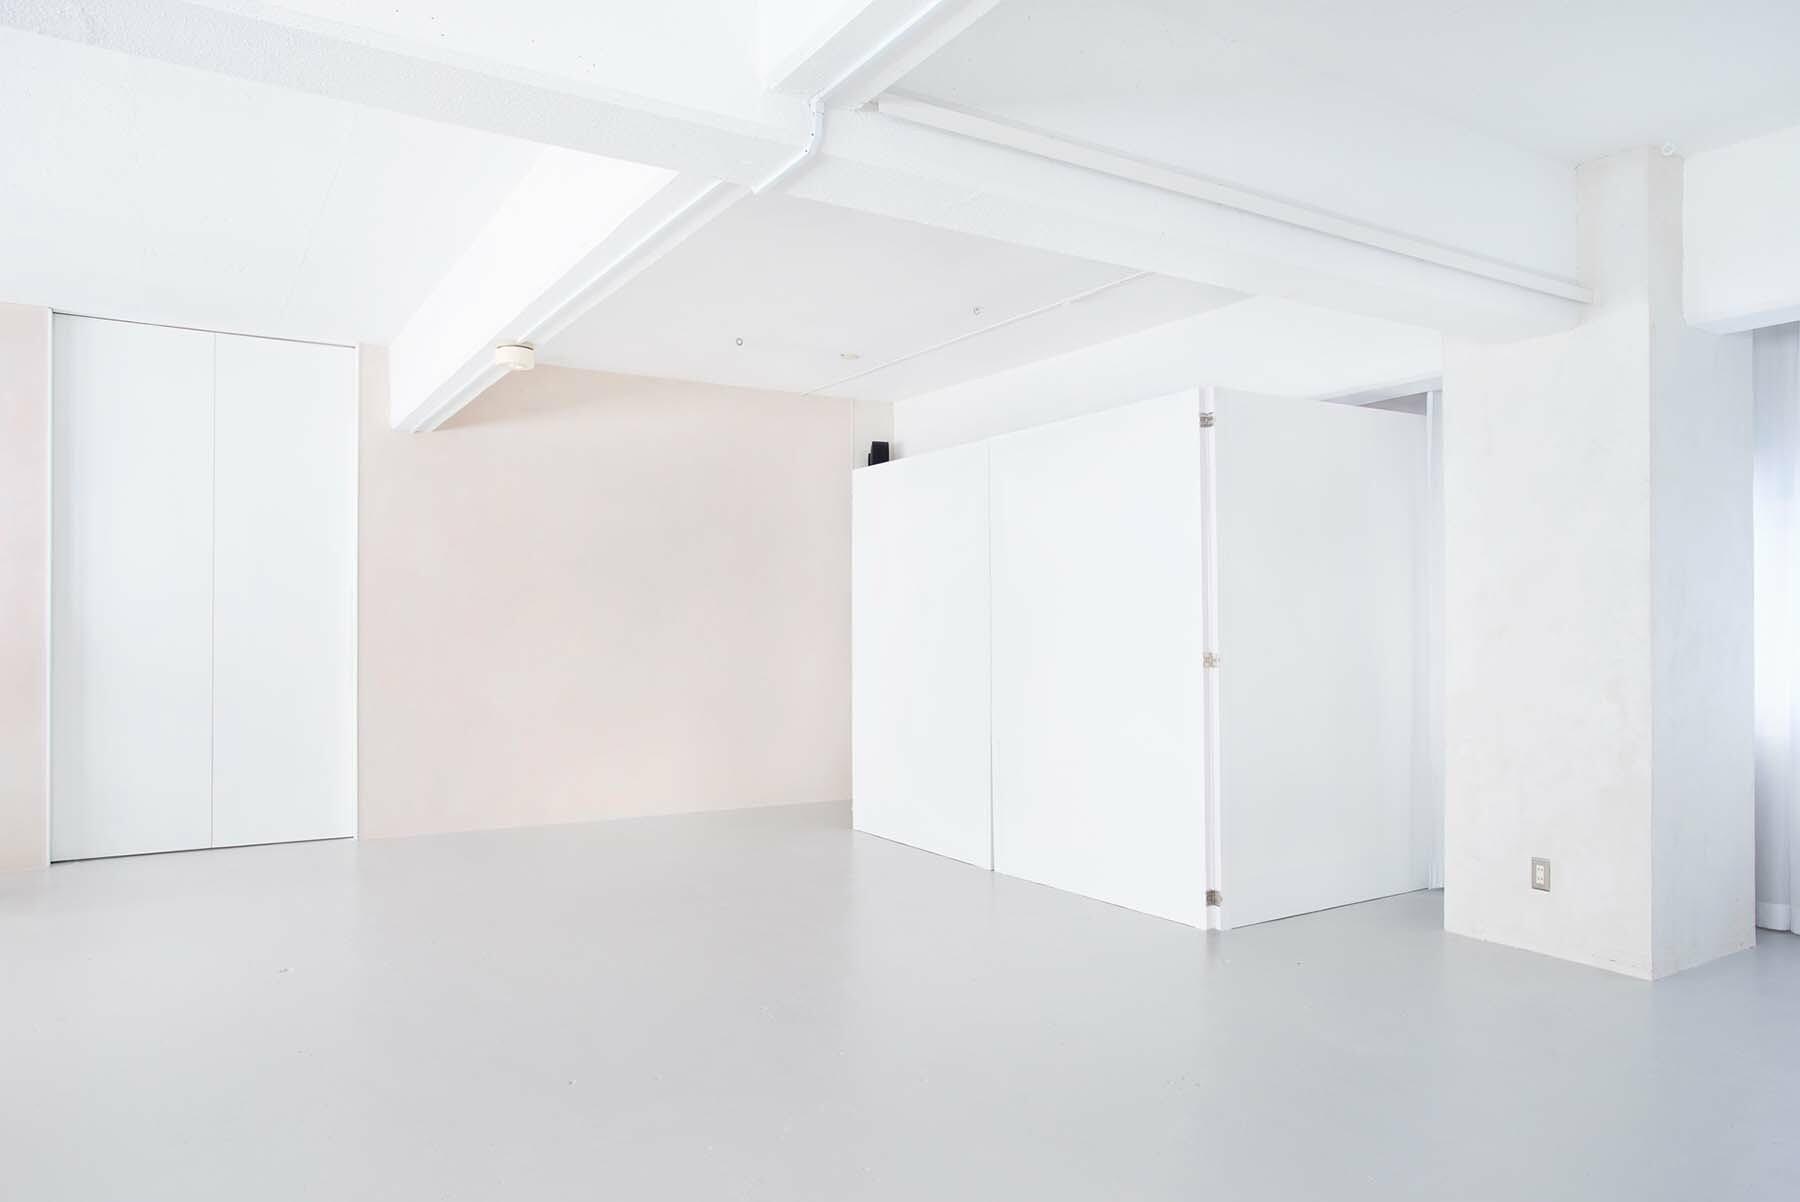 StudioBRICK 2F (スタジオブリック八丁堀2F)グレーレンガの腰壁